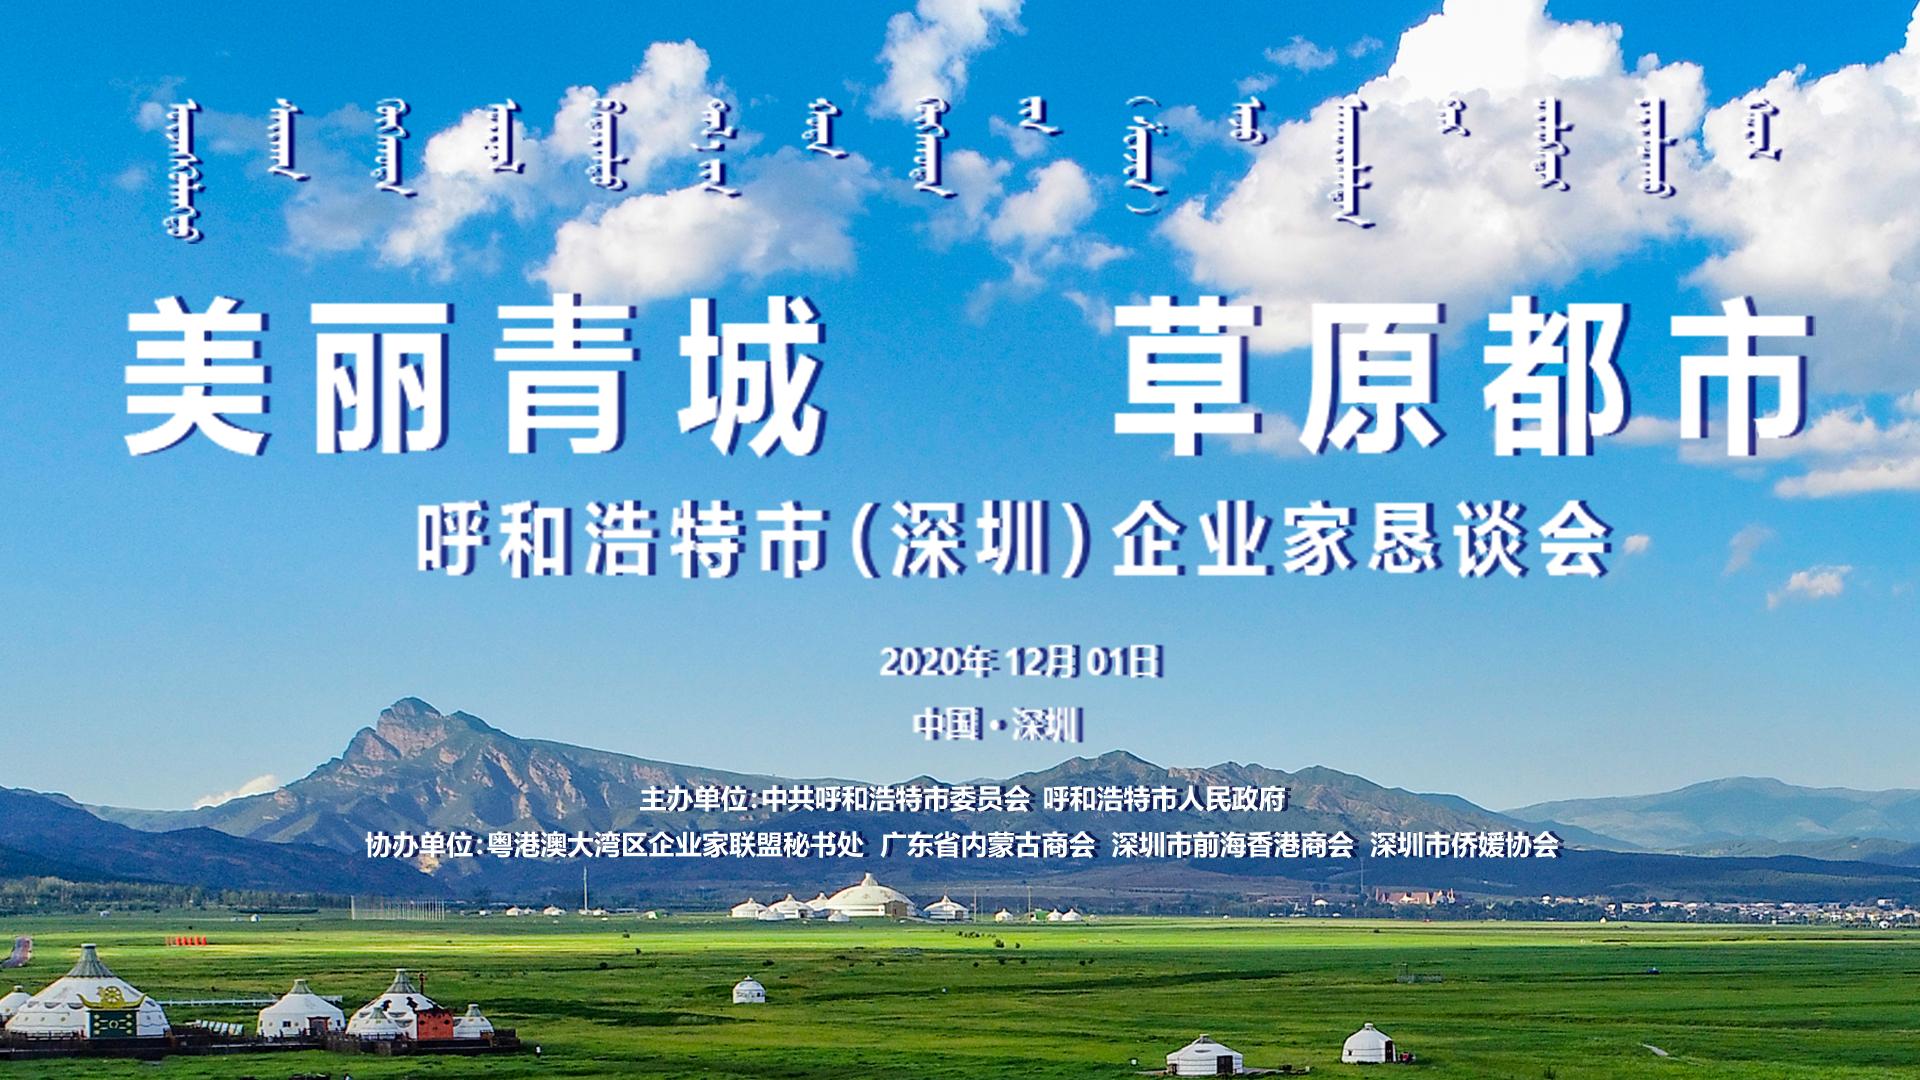 美丽青城 草原都市 呼和浩特市(深圳)企业家恳谈会